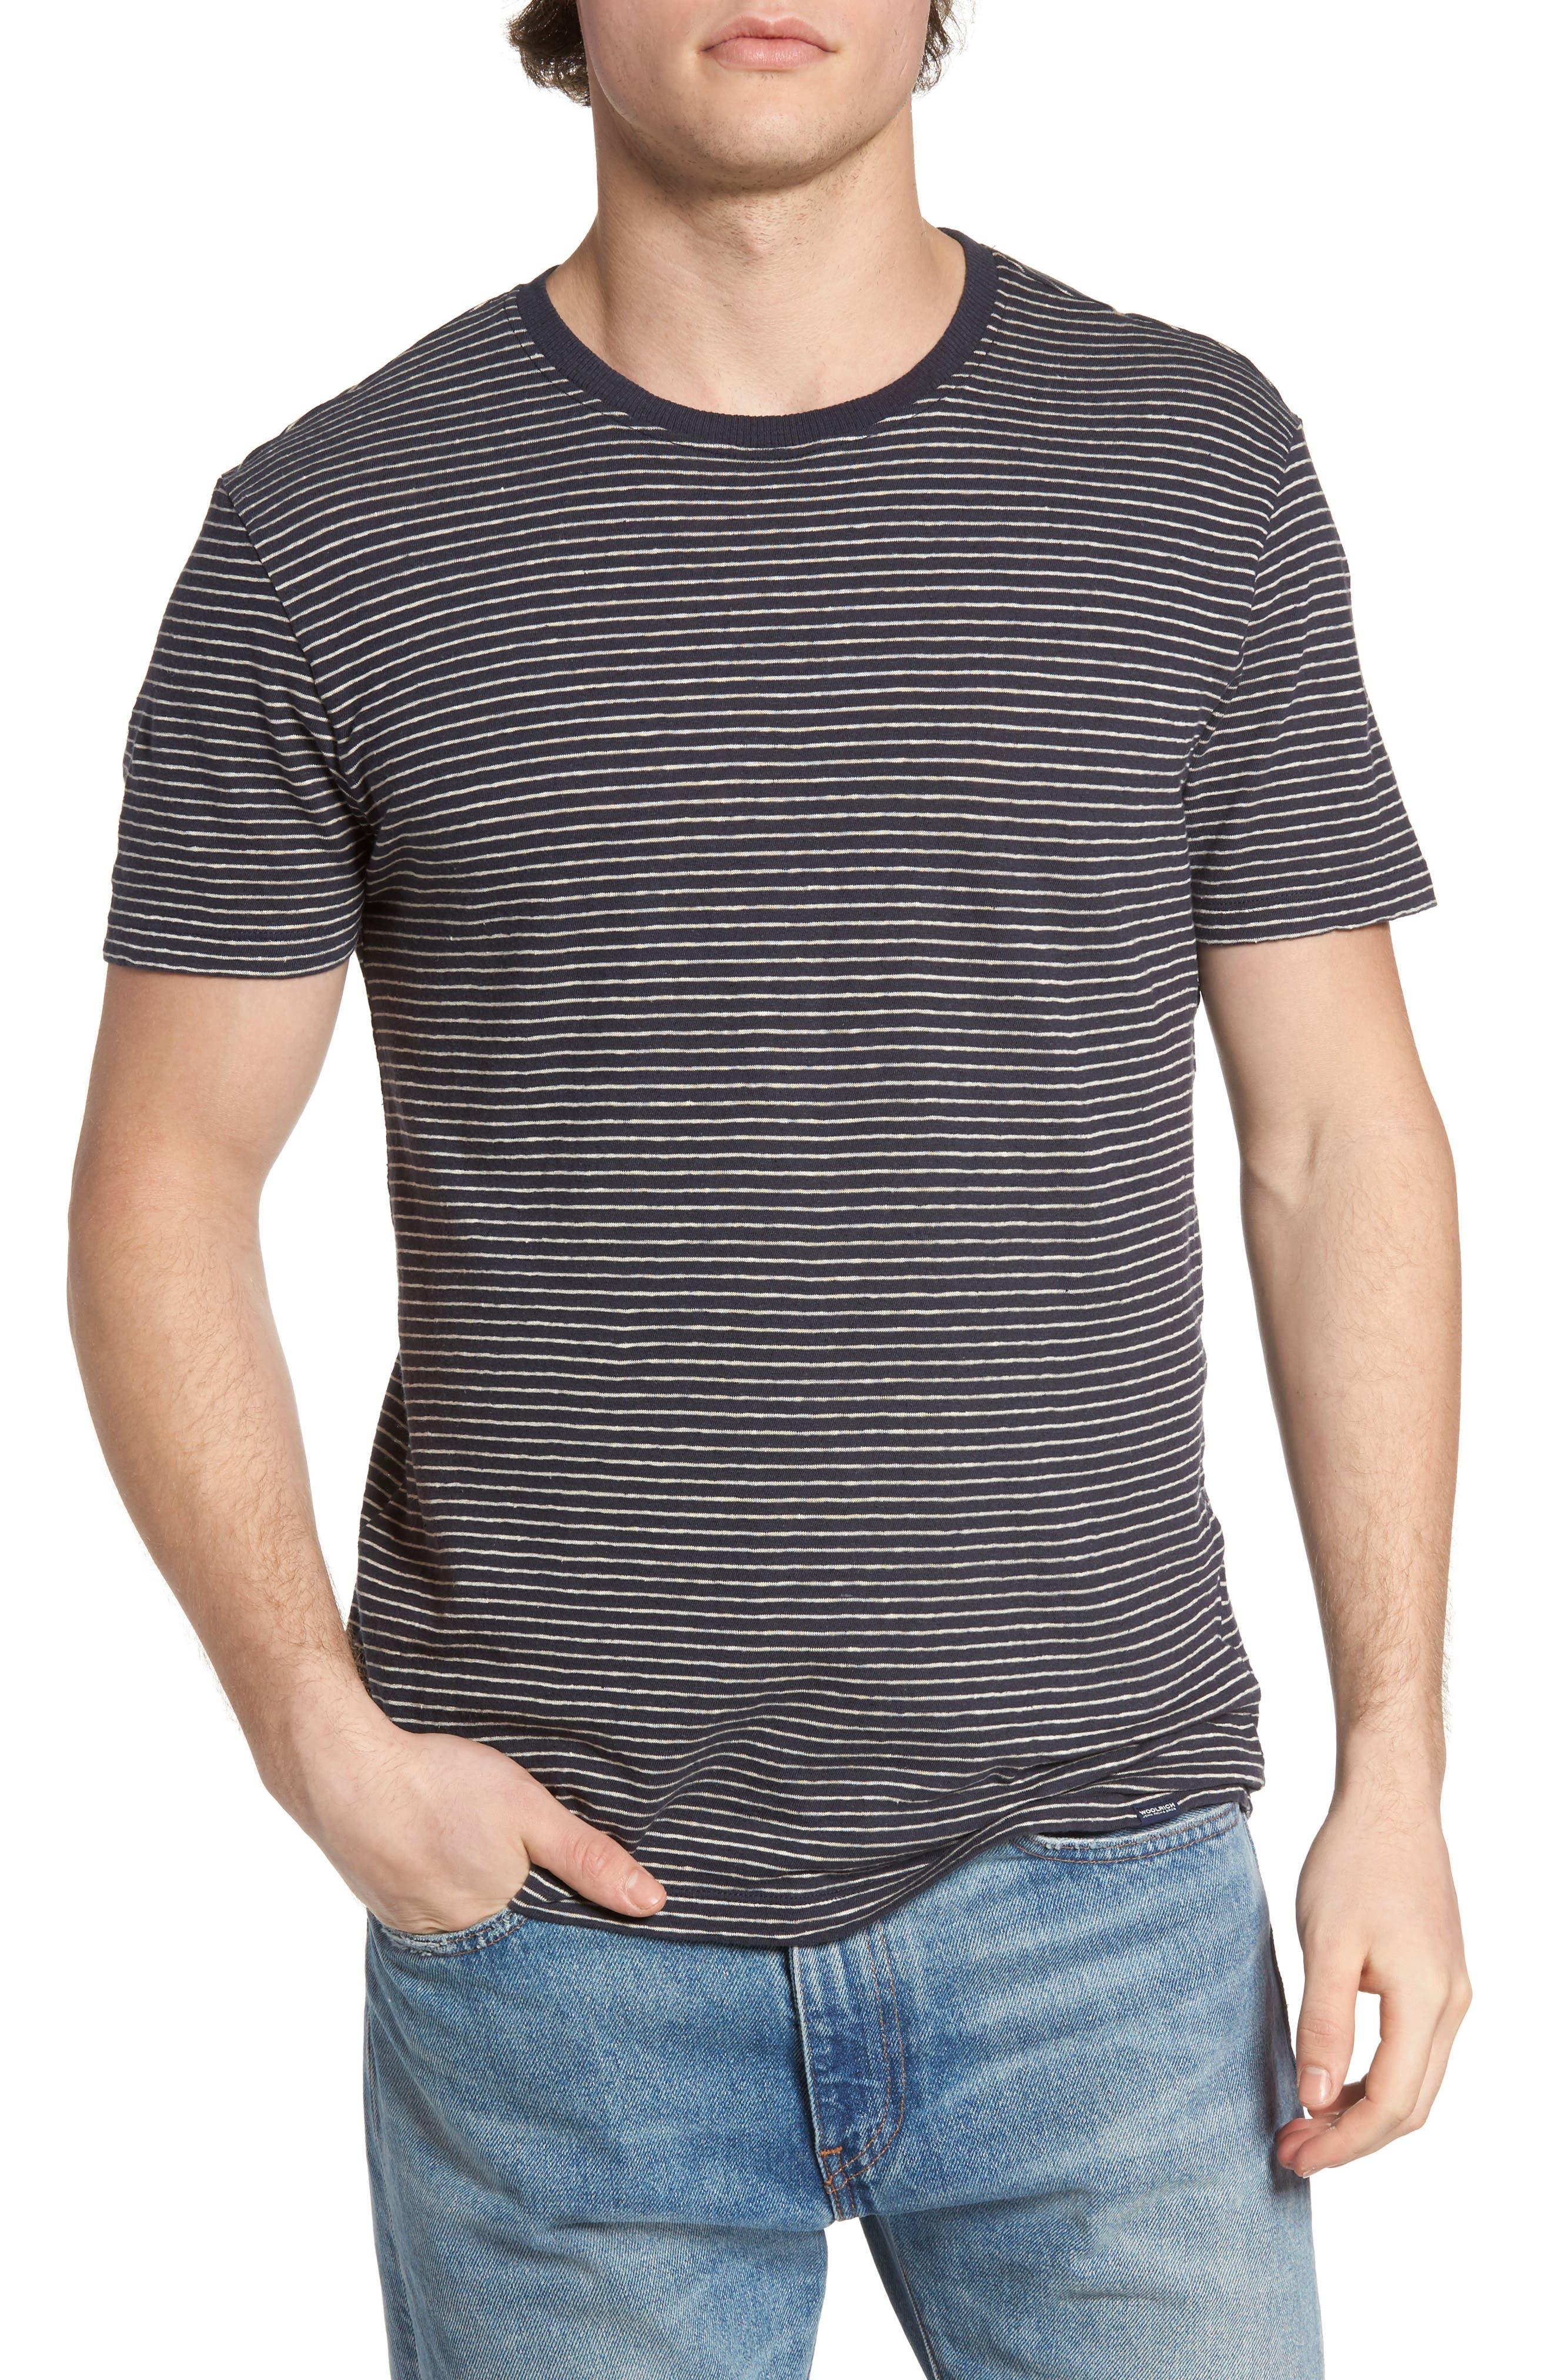 John Rich Stripe Cotton & Linen T-Shirt,                         Main,                         color, 460